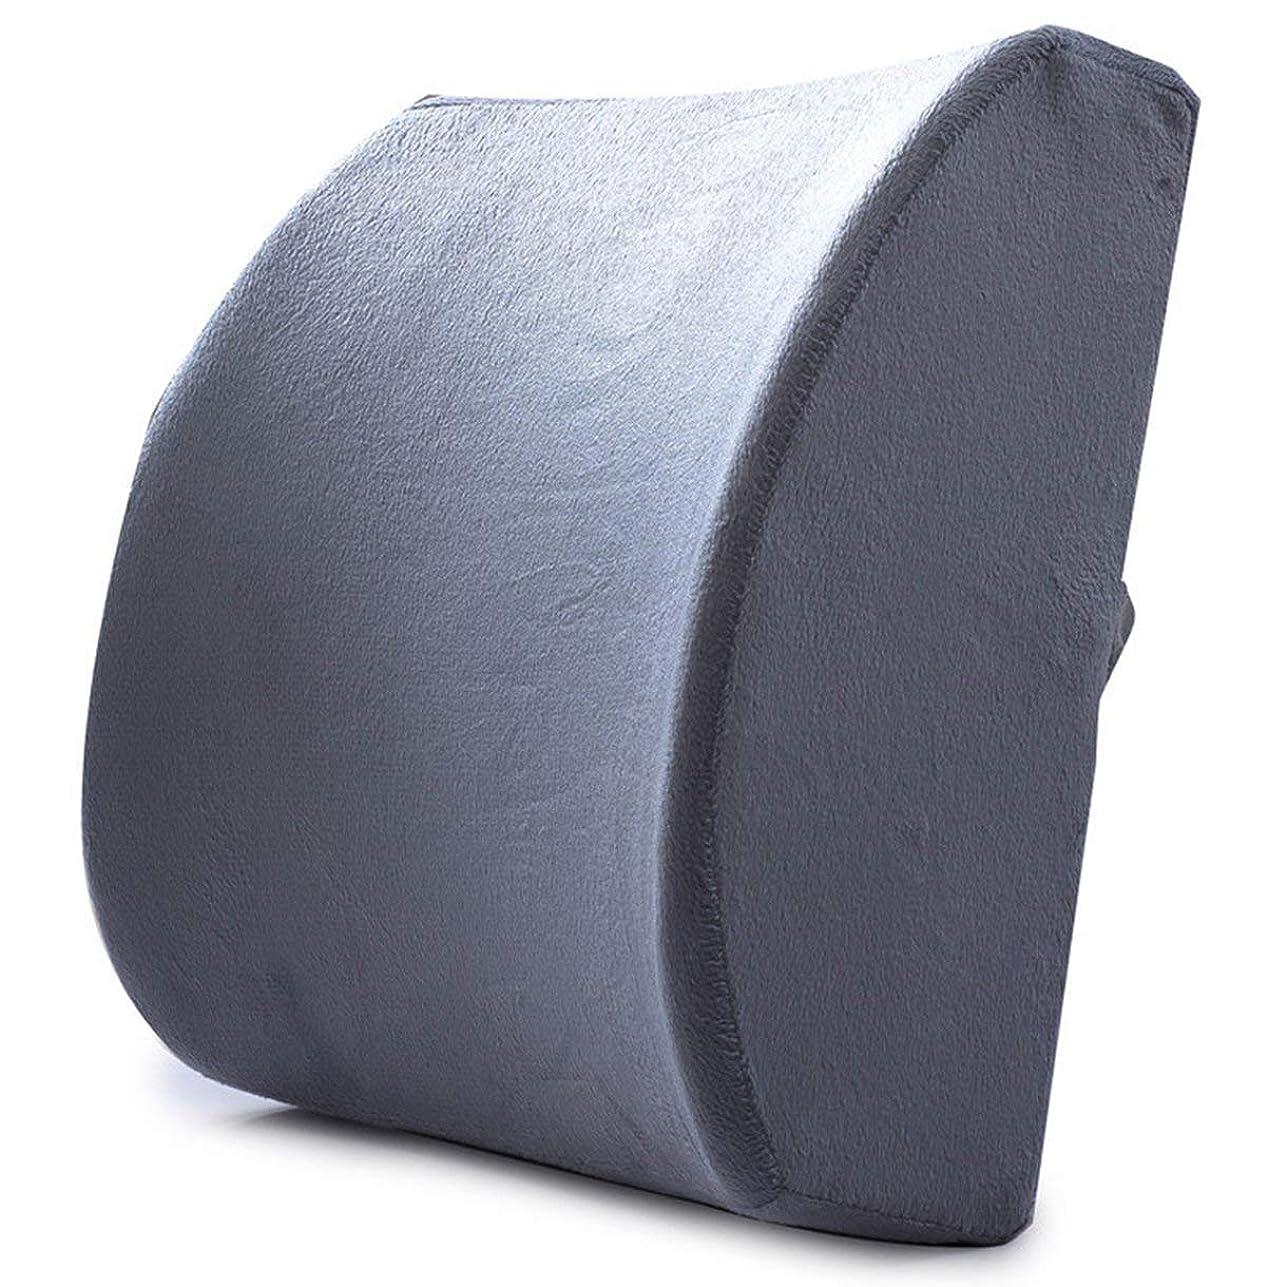 法律によりユニークな千Memory Foam Lumbar Support Waist Cushion Pillow For Chairs in the Car Seat Pillows Home Office Relieve Pain